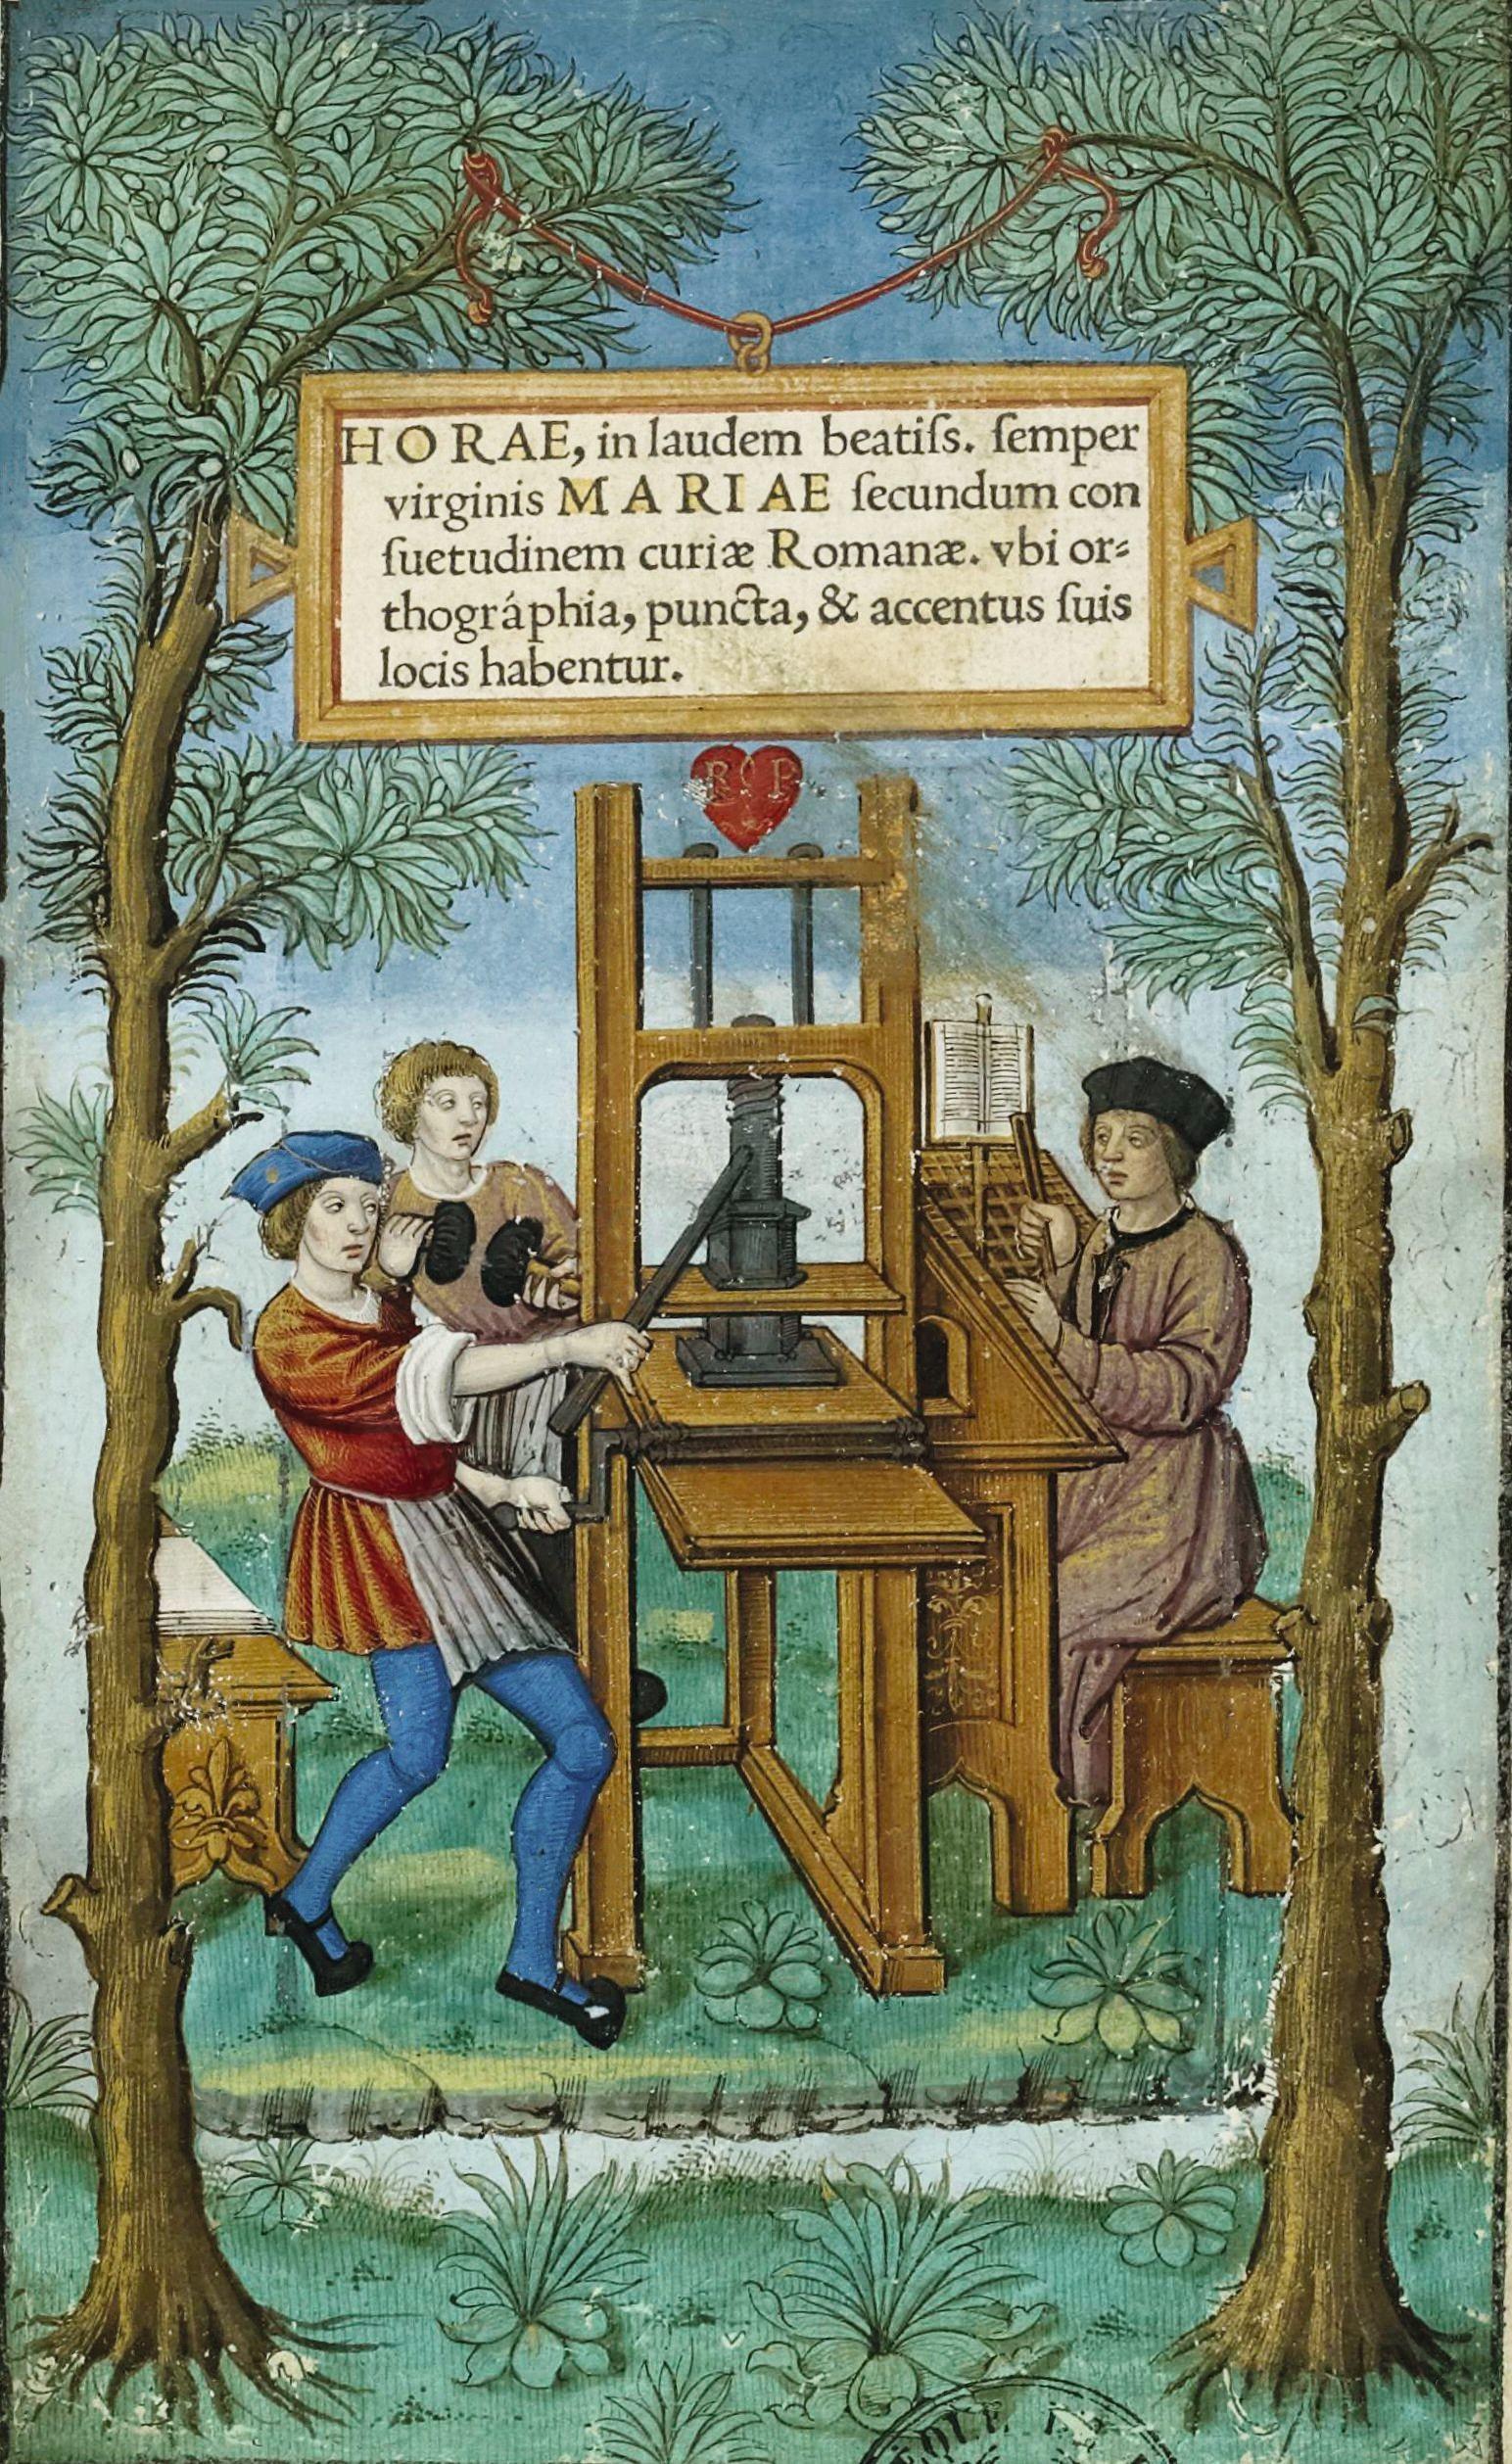 Étienne Collault, Un atelier d'imprimerie, enluminure d'une impression des Heures à l'usage de Rome, 1525, bibliothèque de l'Arsenal, Paris